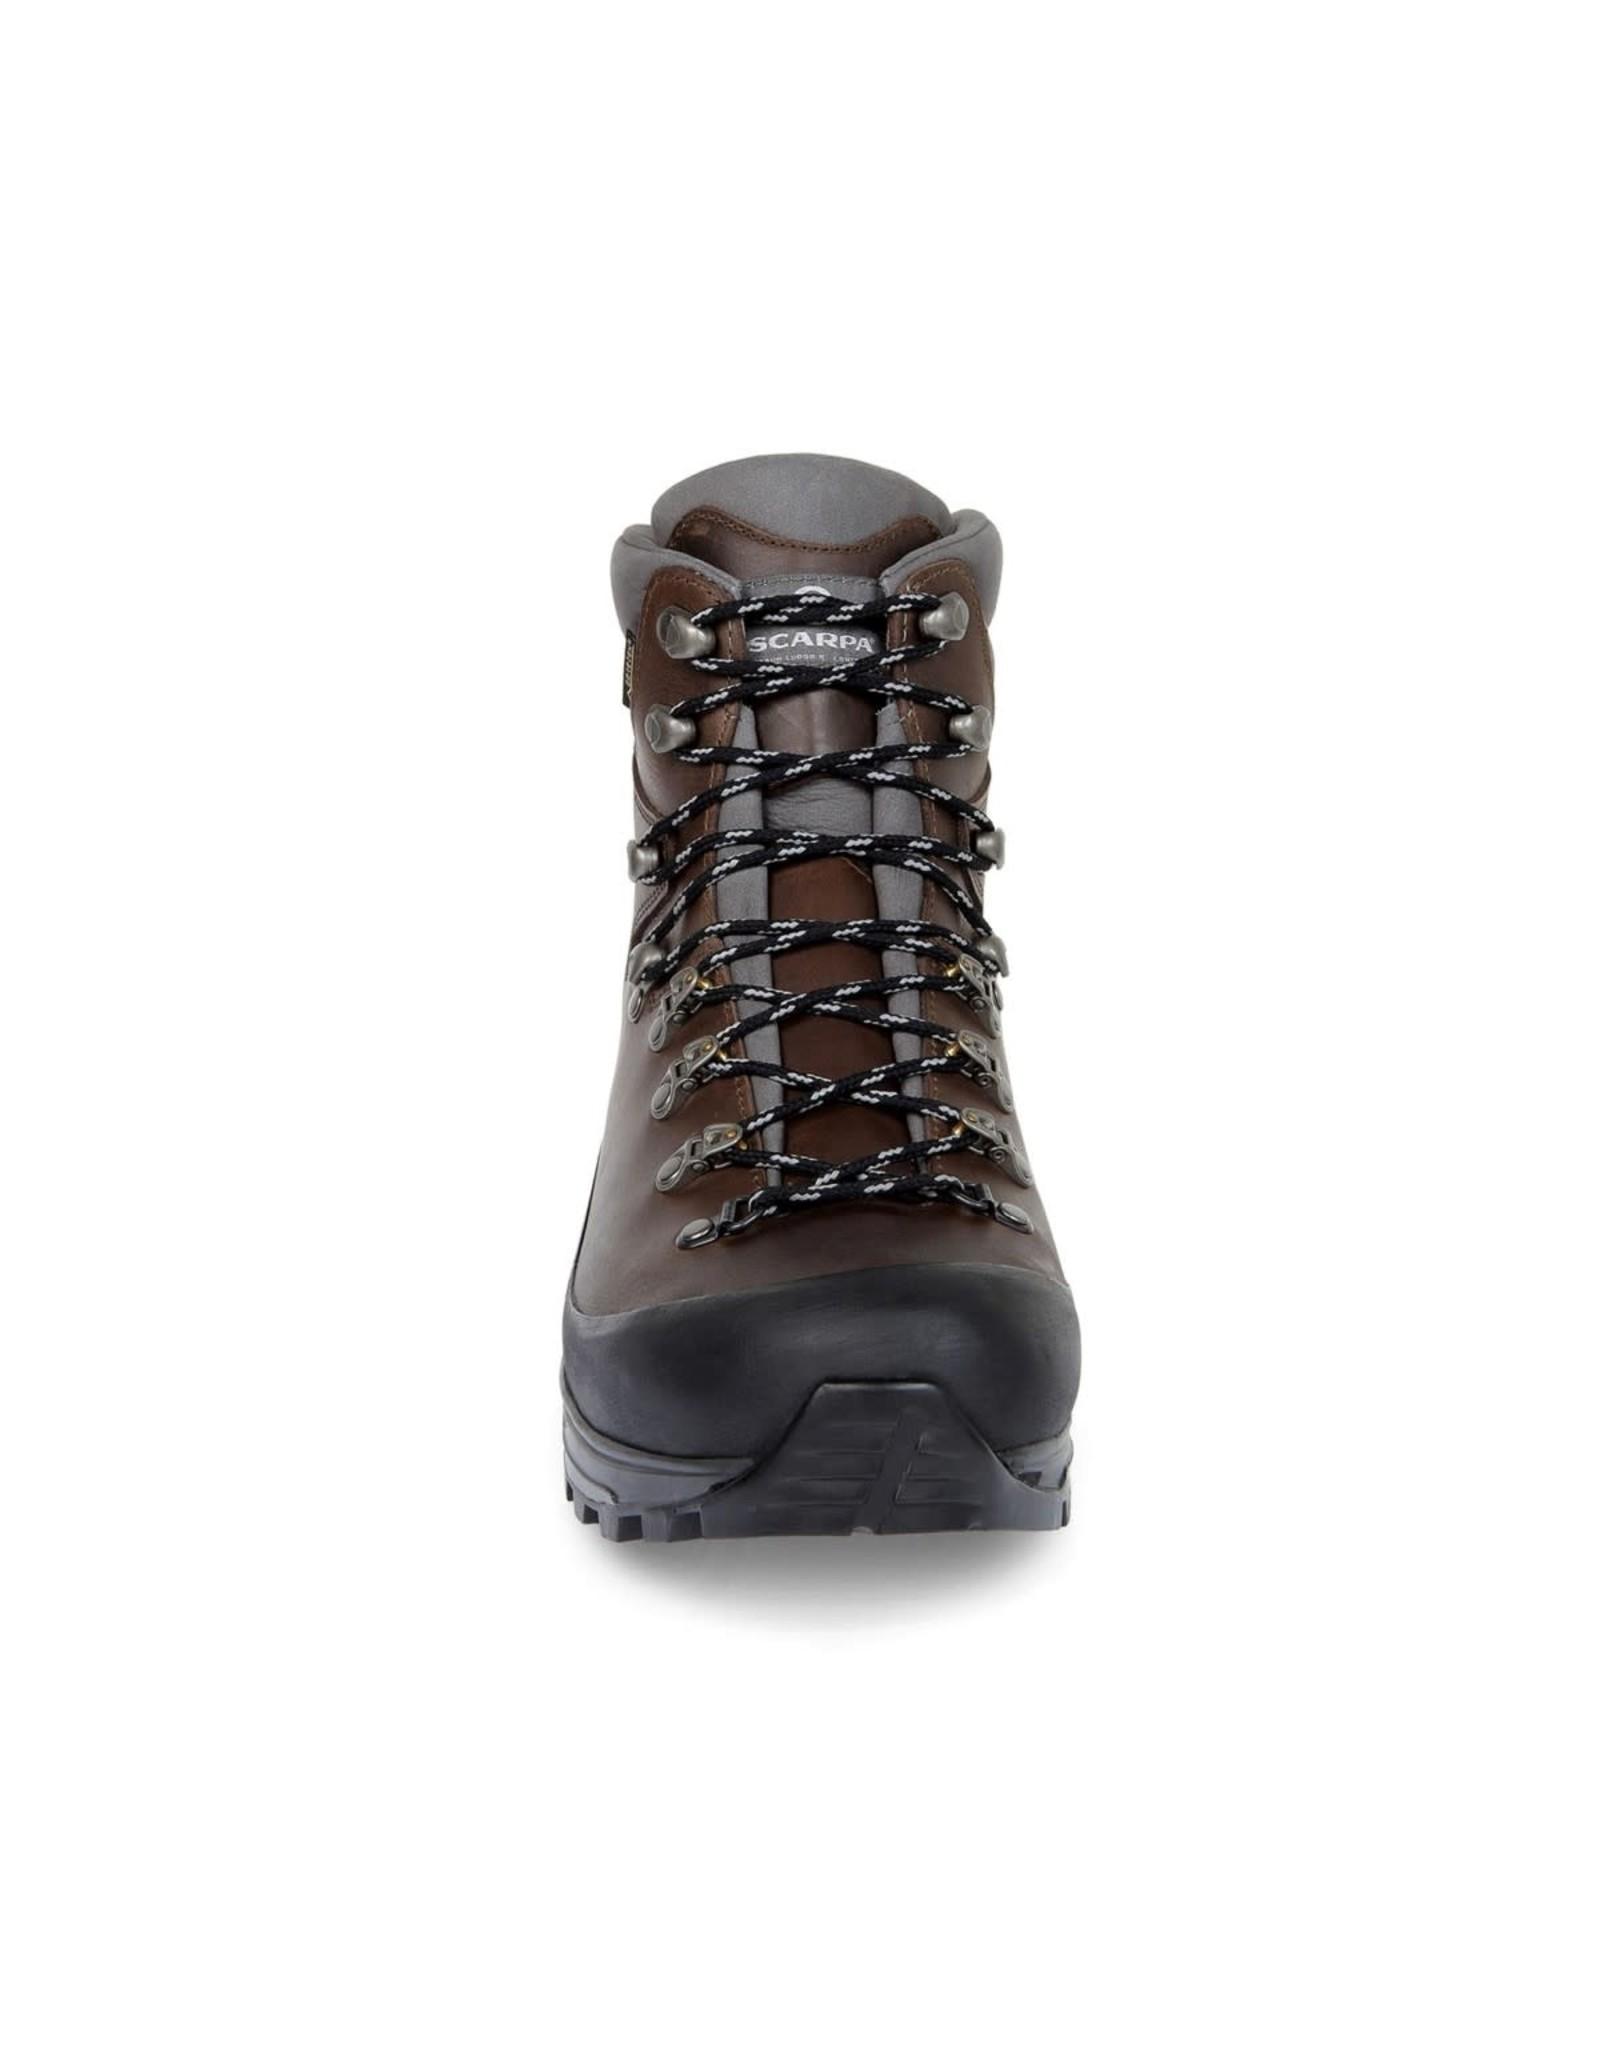 Scarpa Scarpa Kinesis Pro GTX Boots - Men